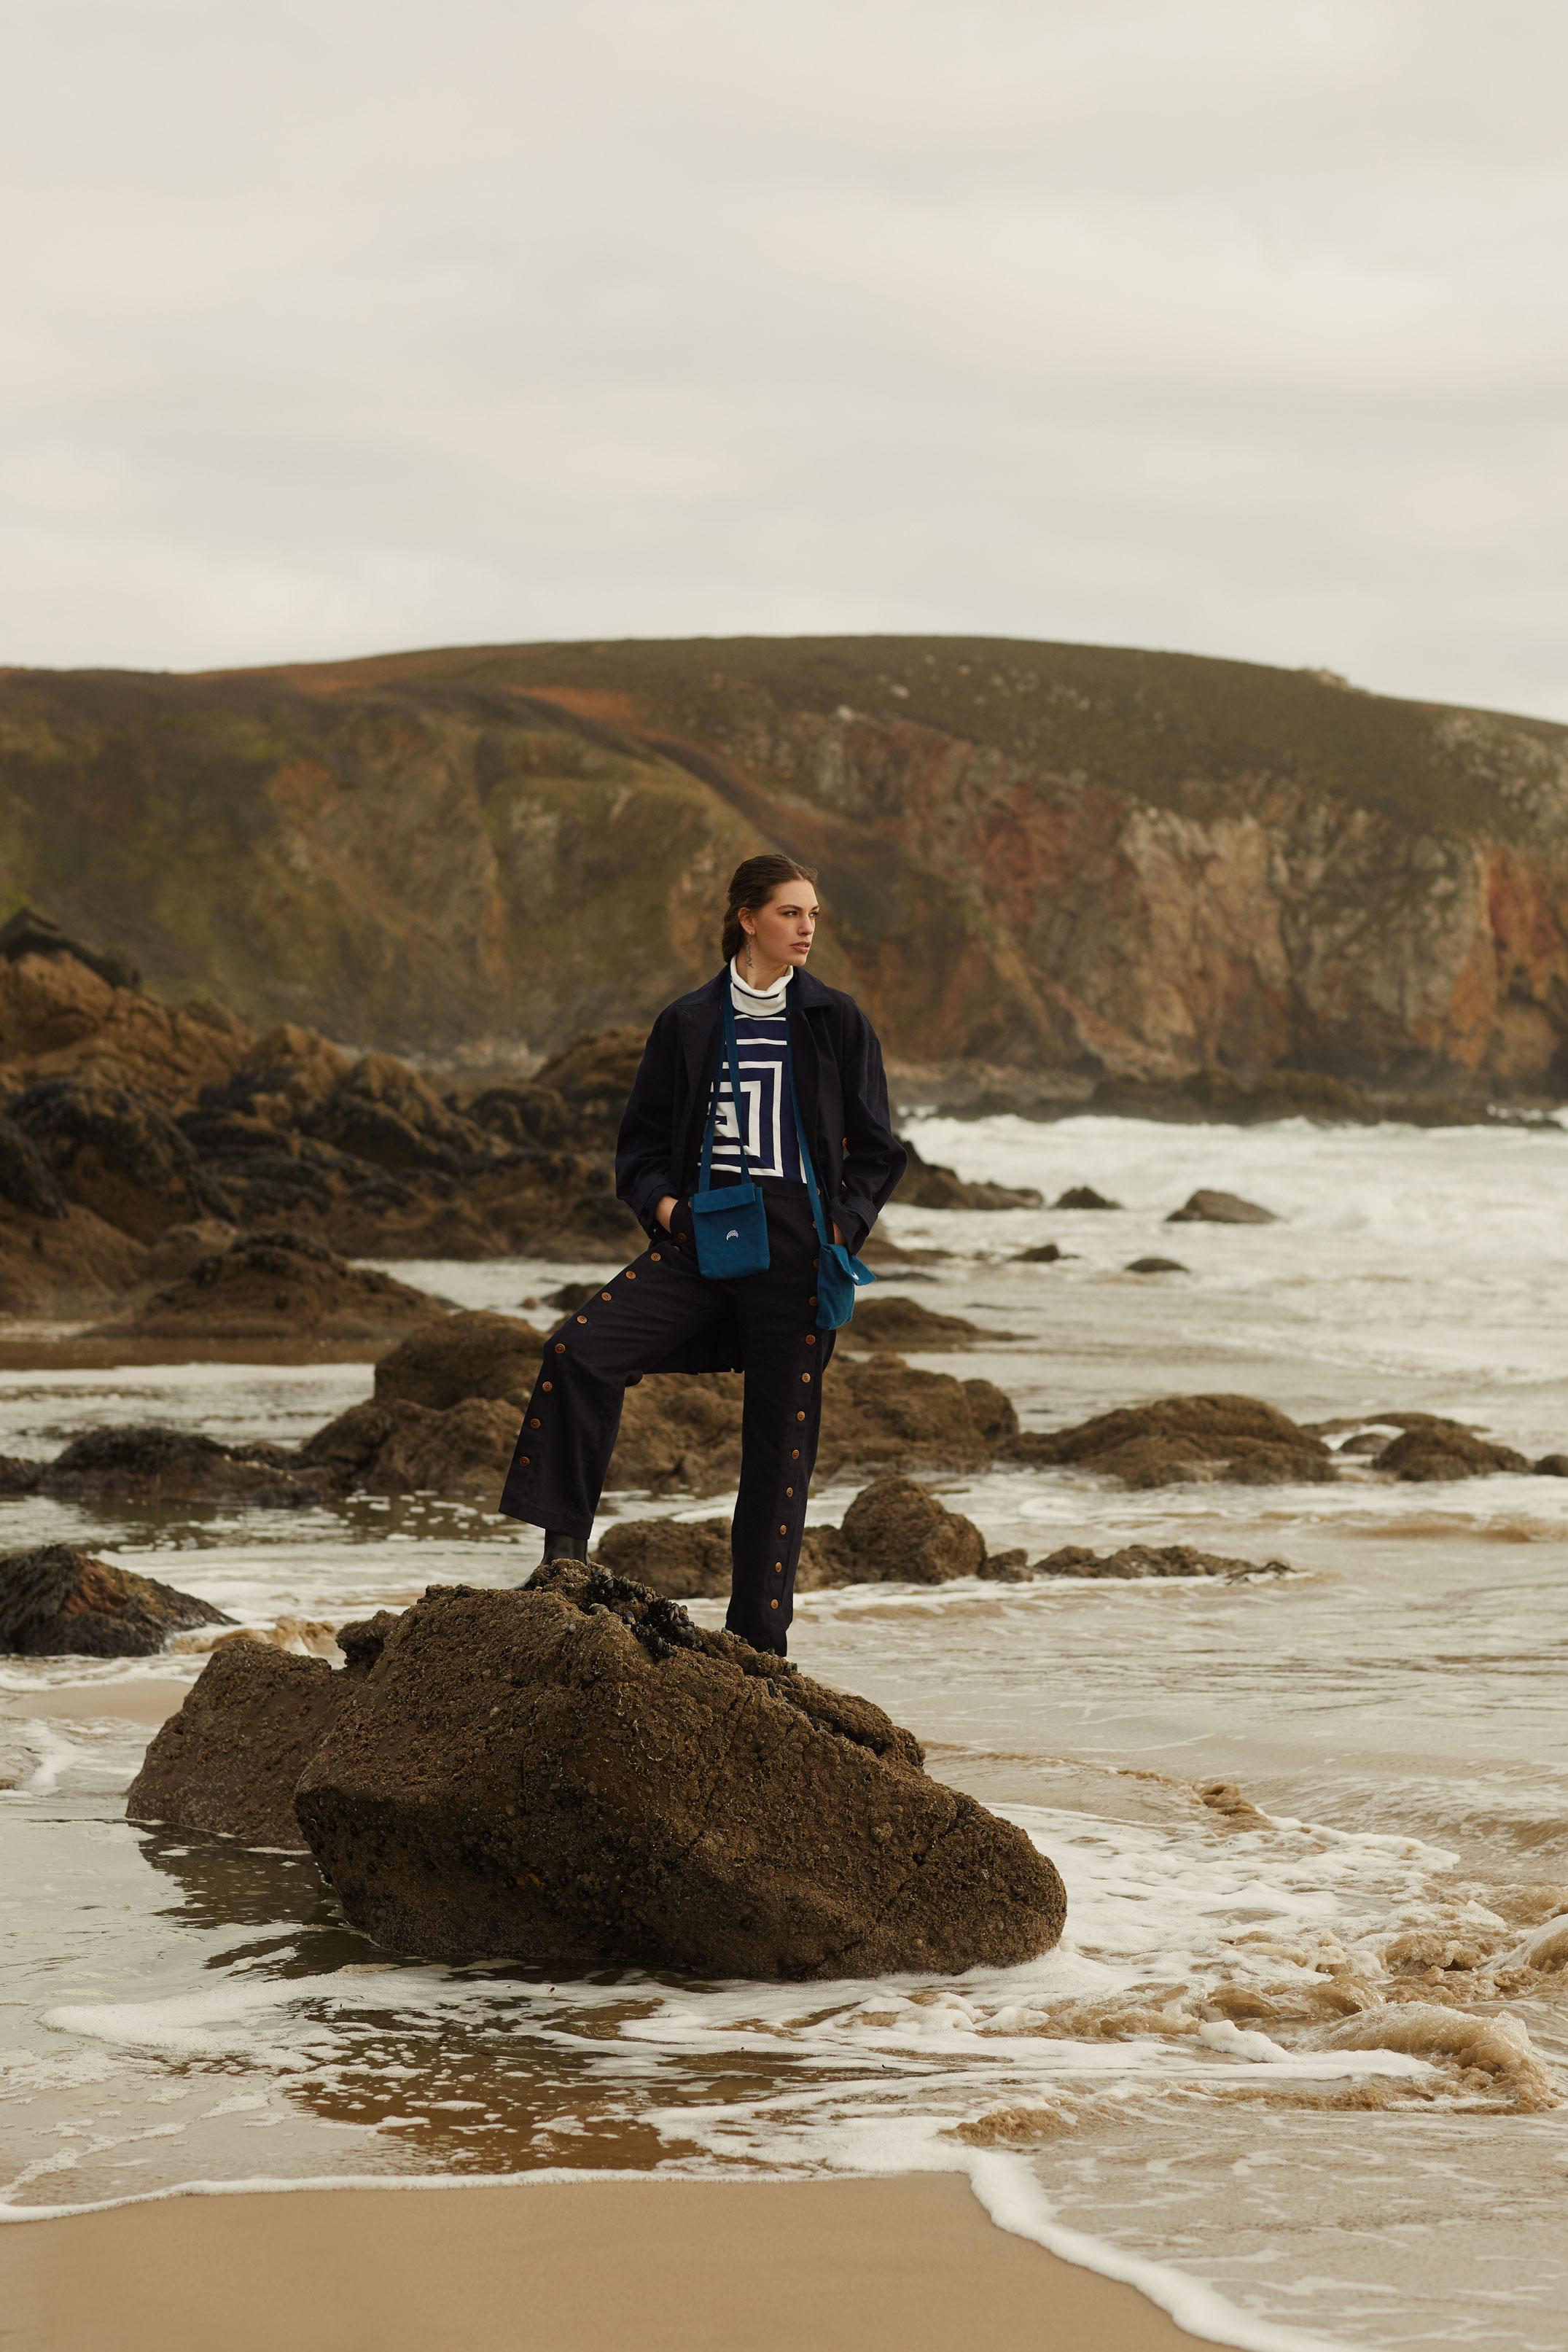 photographe mode et portrait pour une campagne pour nolwenn faligot à brest